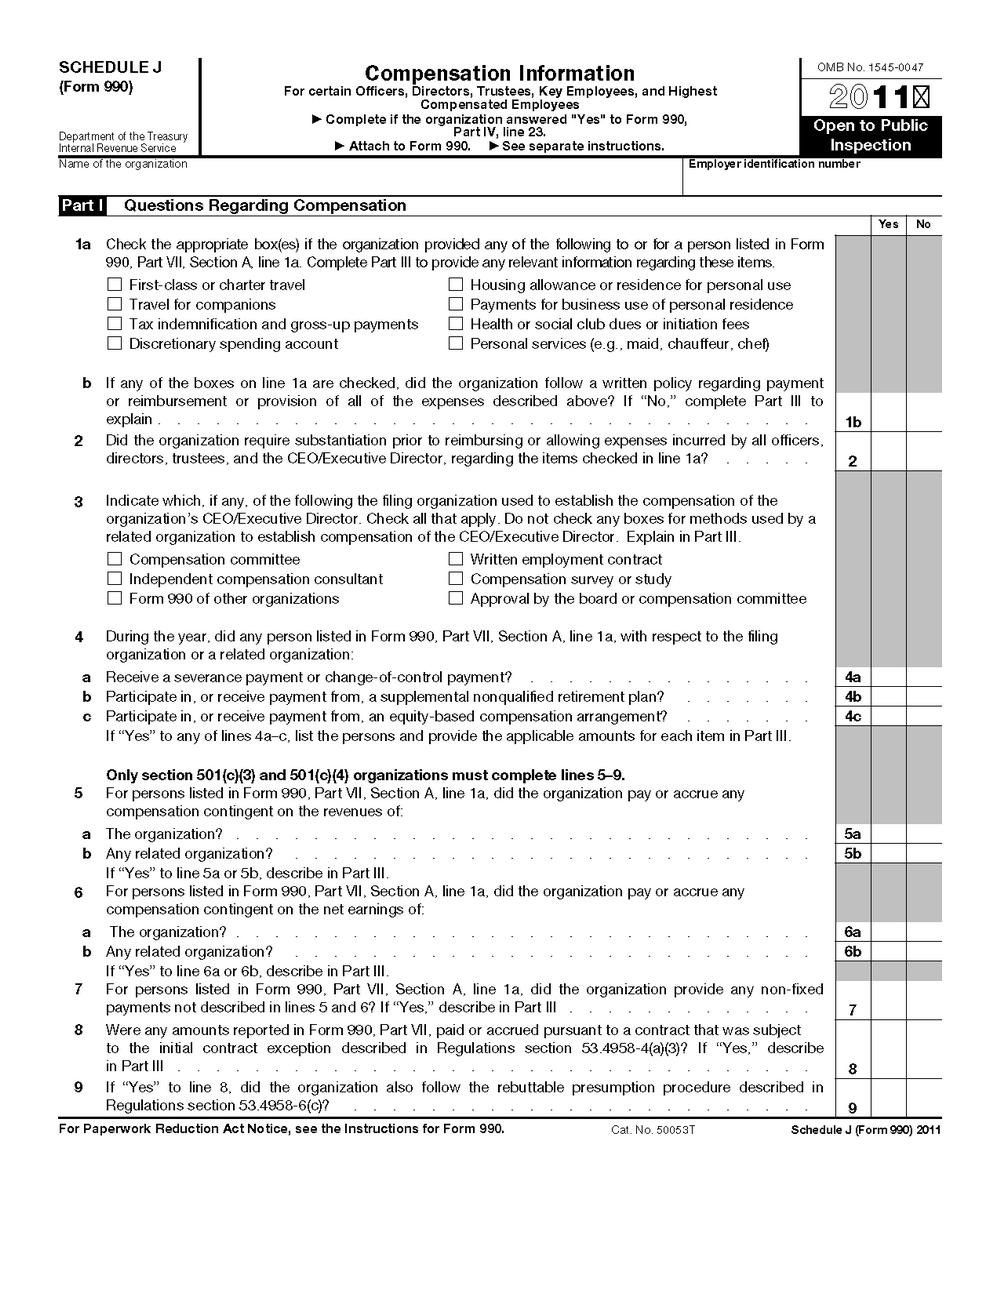 Federal Tax Return Form 1040 Schedule A